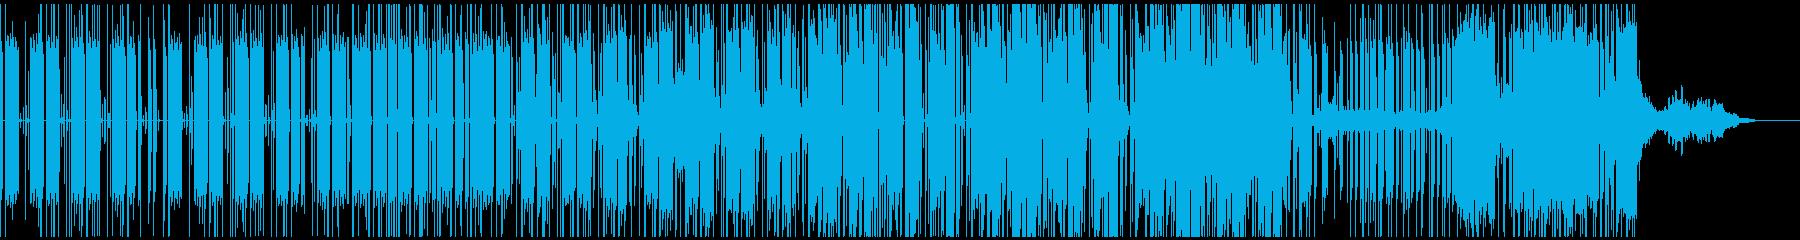 スネ夫風テクノポップBGM もやもやの再生済みの波形